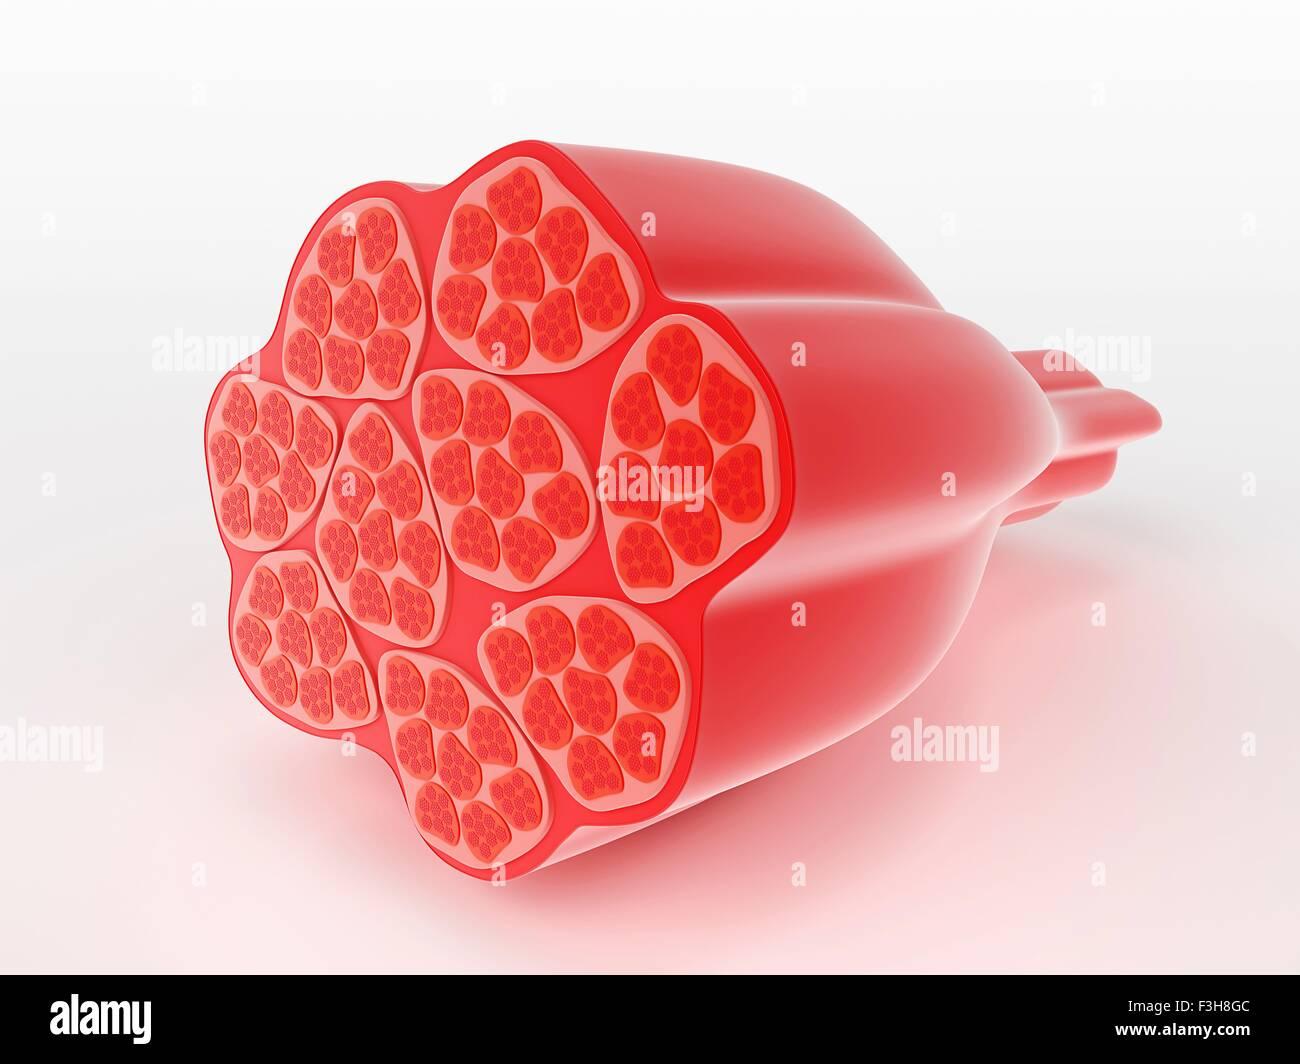 Ilustración de las células del músculo humano Imagen De Stock